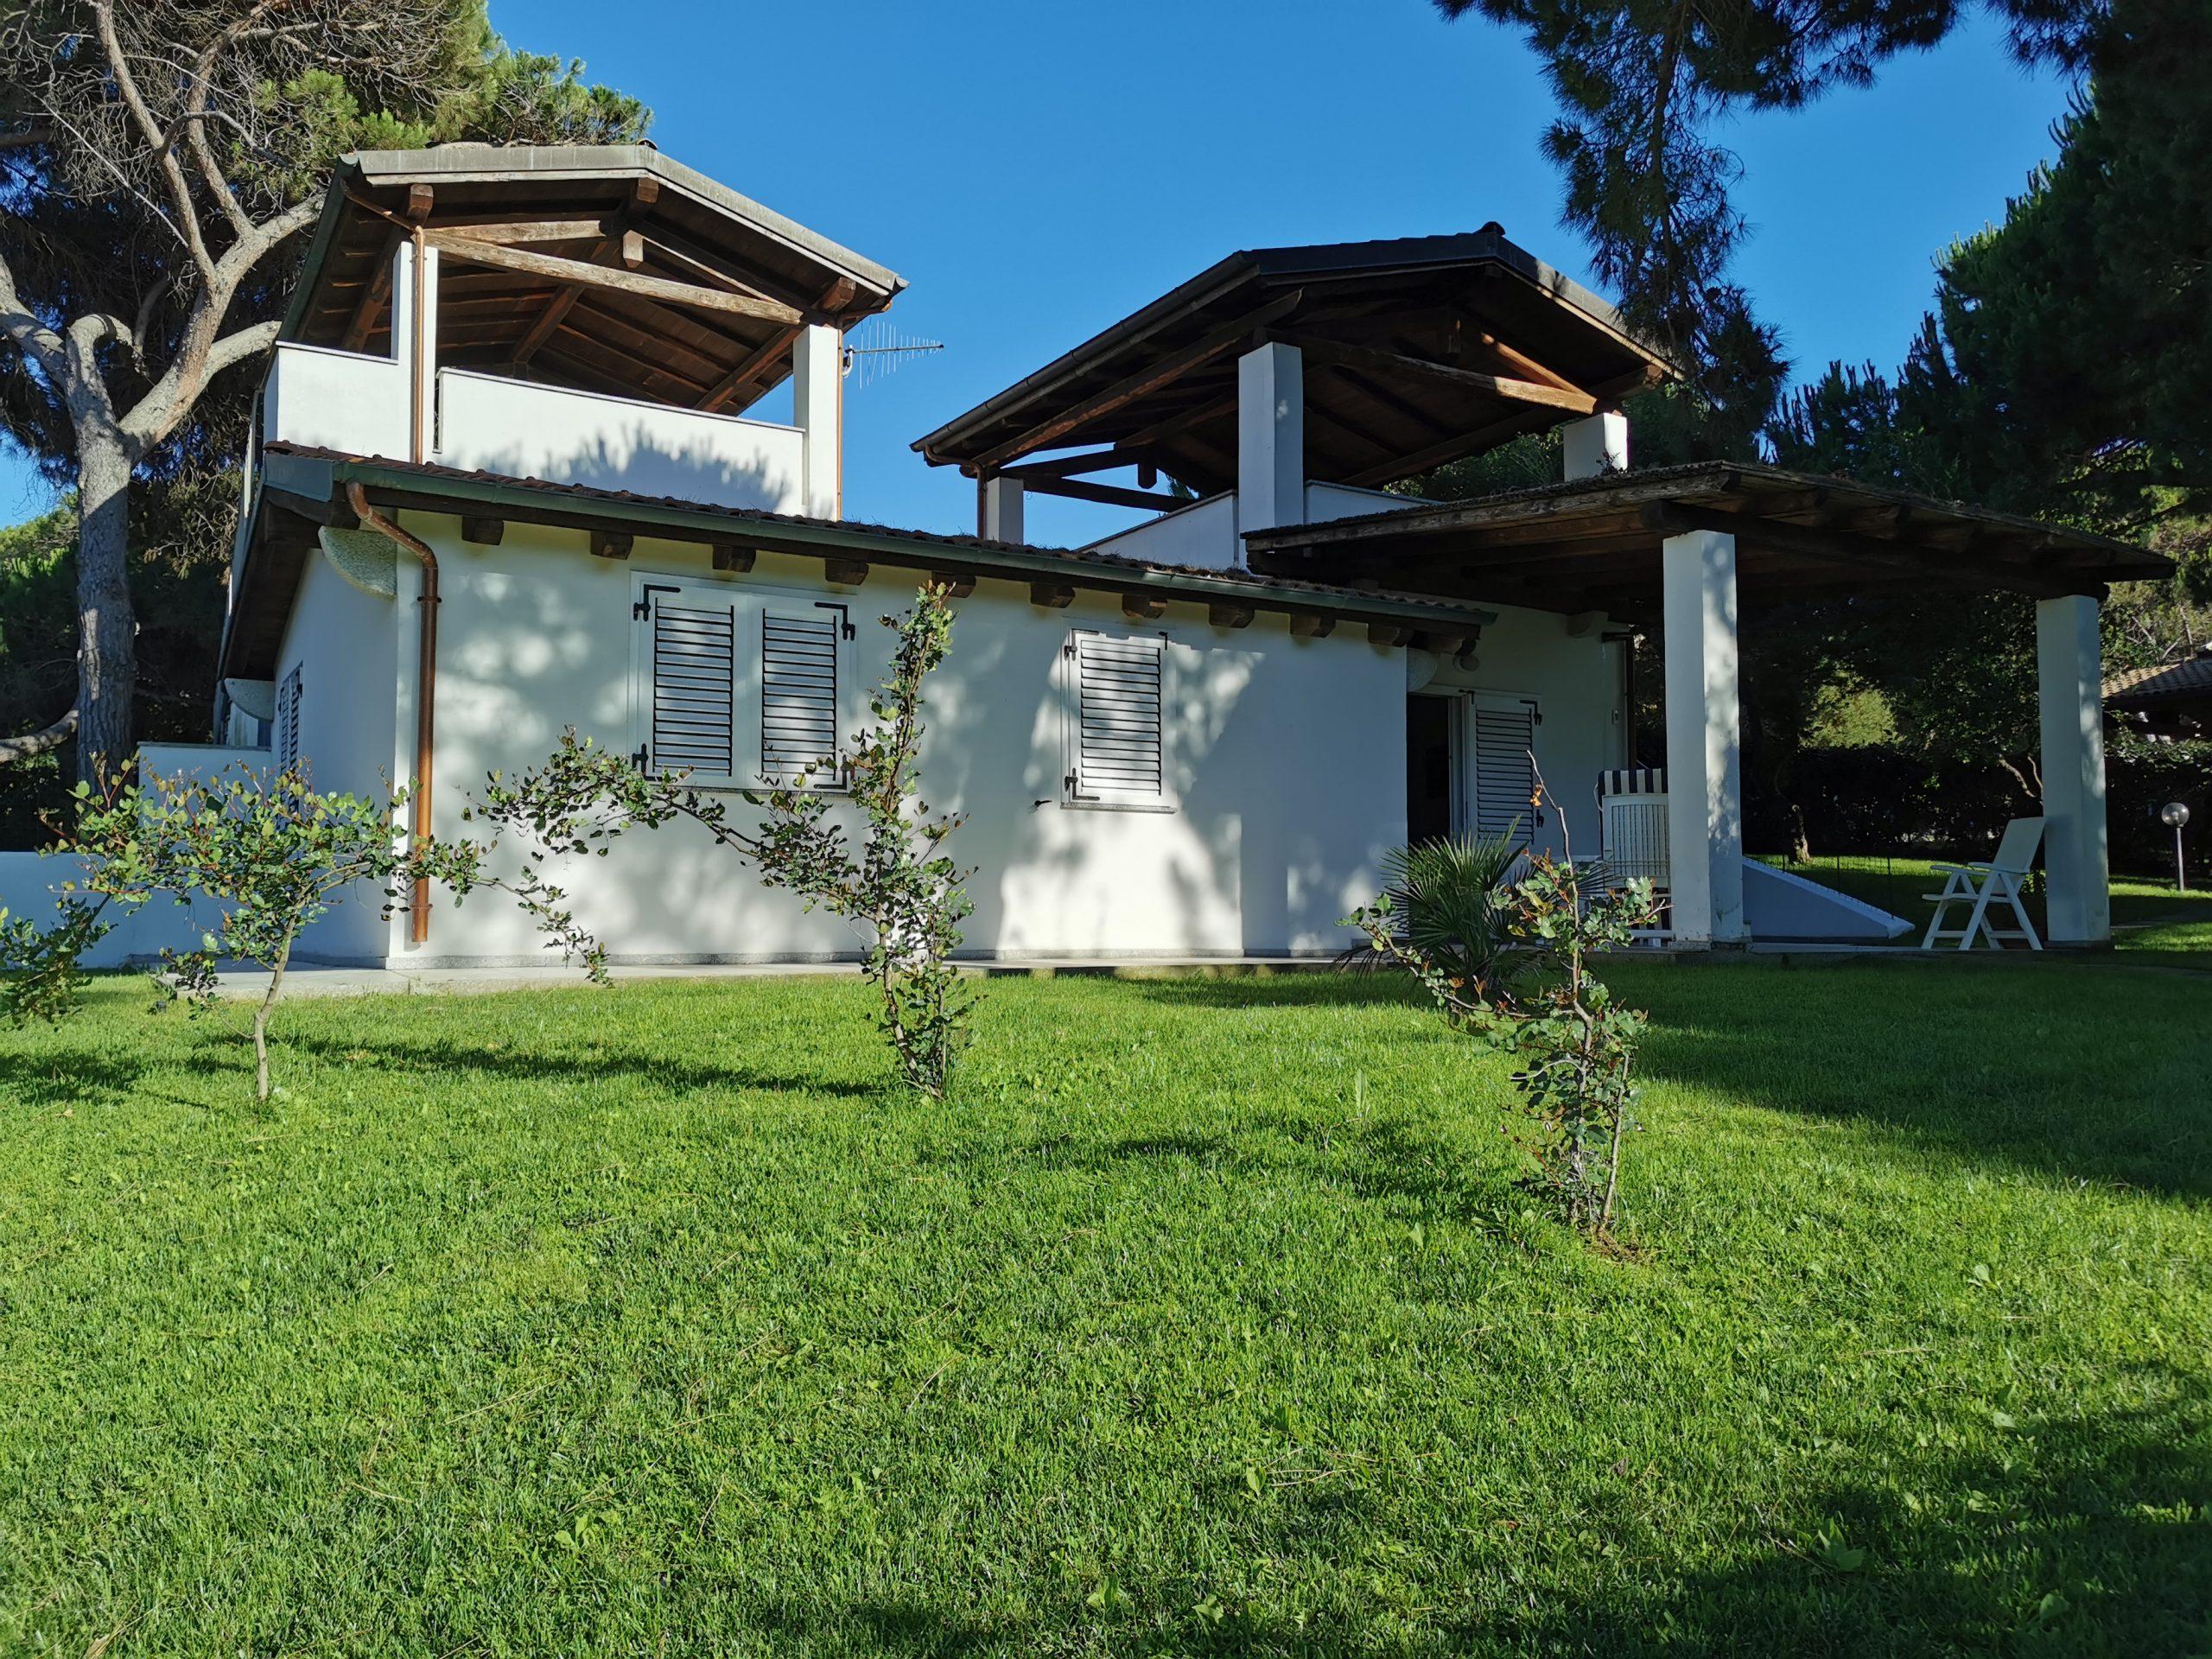 Villa Lentischio,villa in affitto a Valledoria, un'oasi di relax a pochi passi dal mare